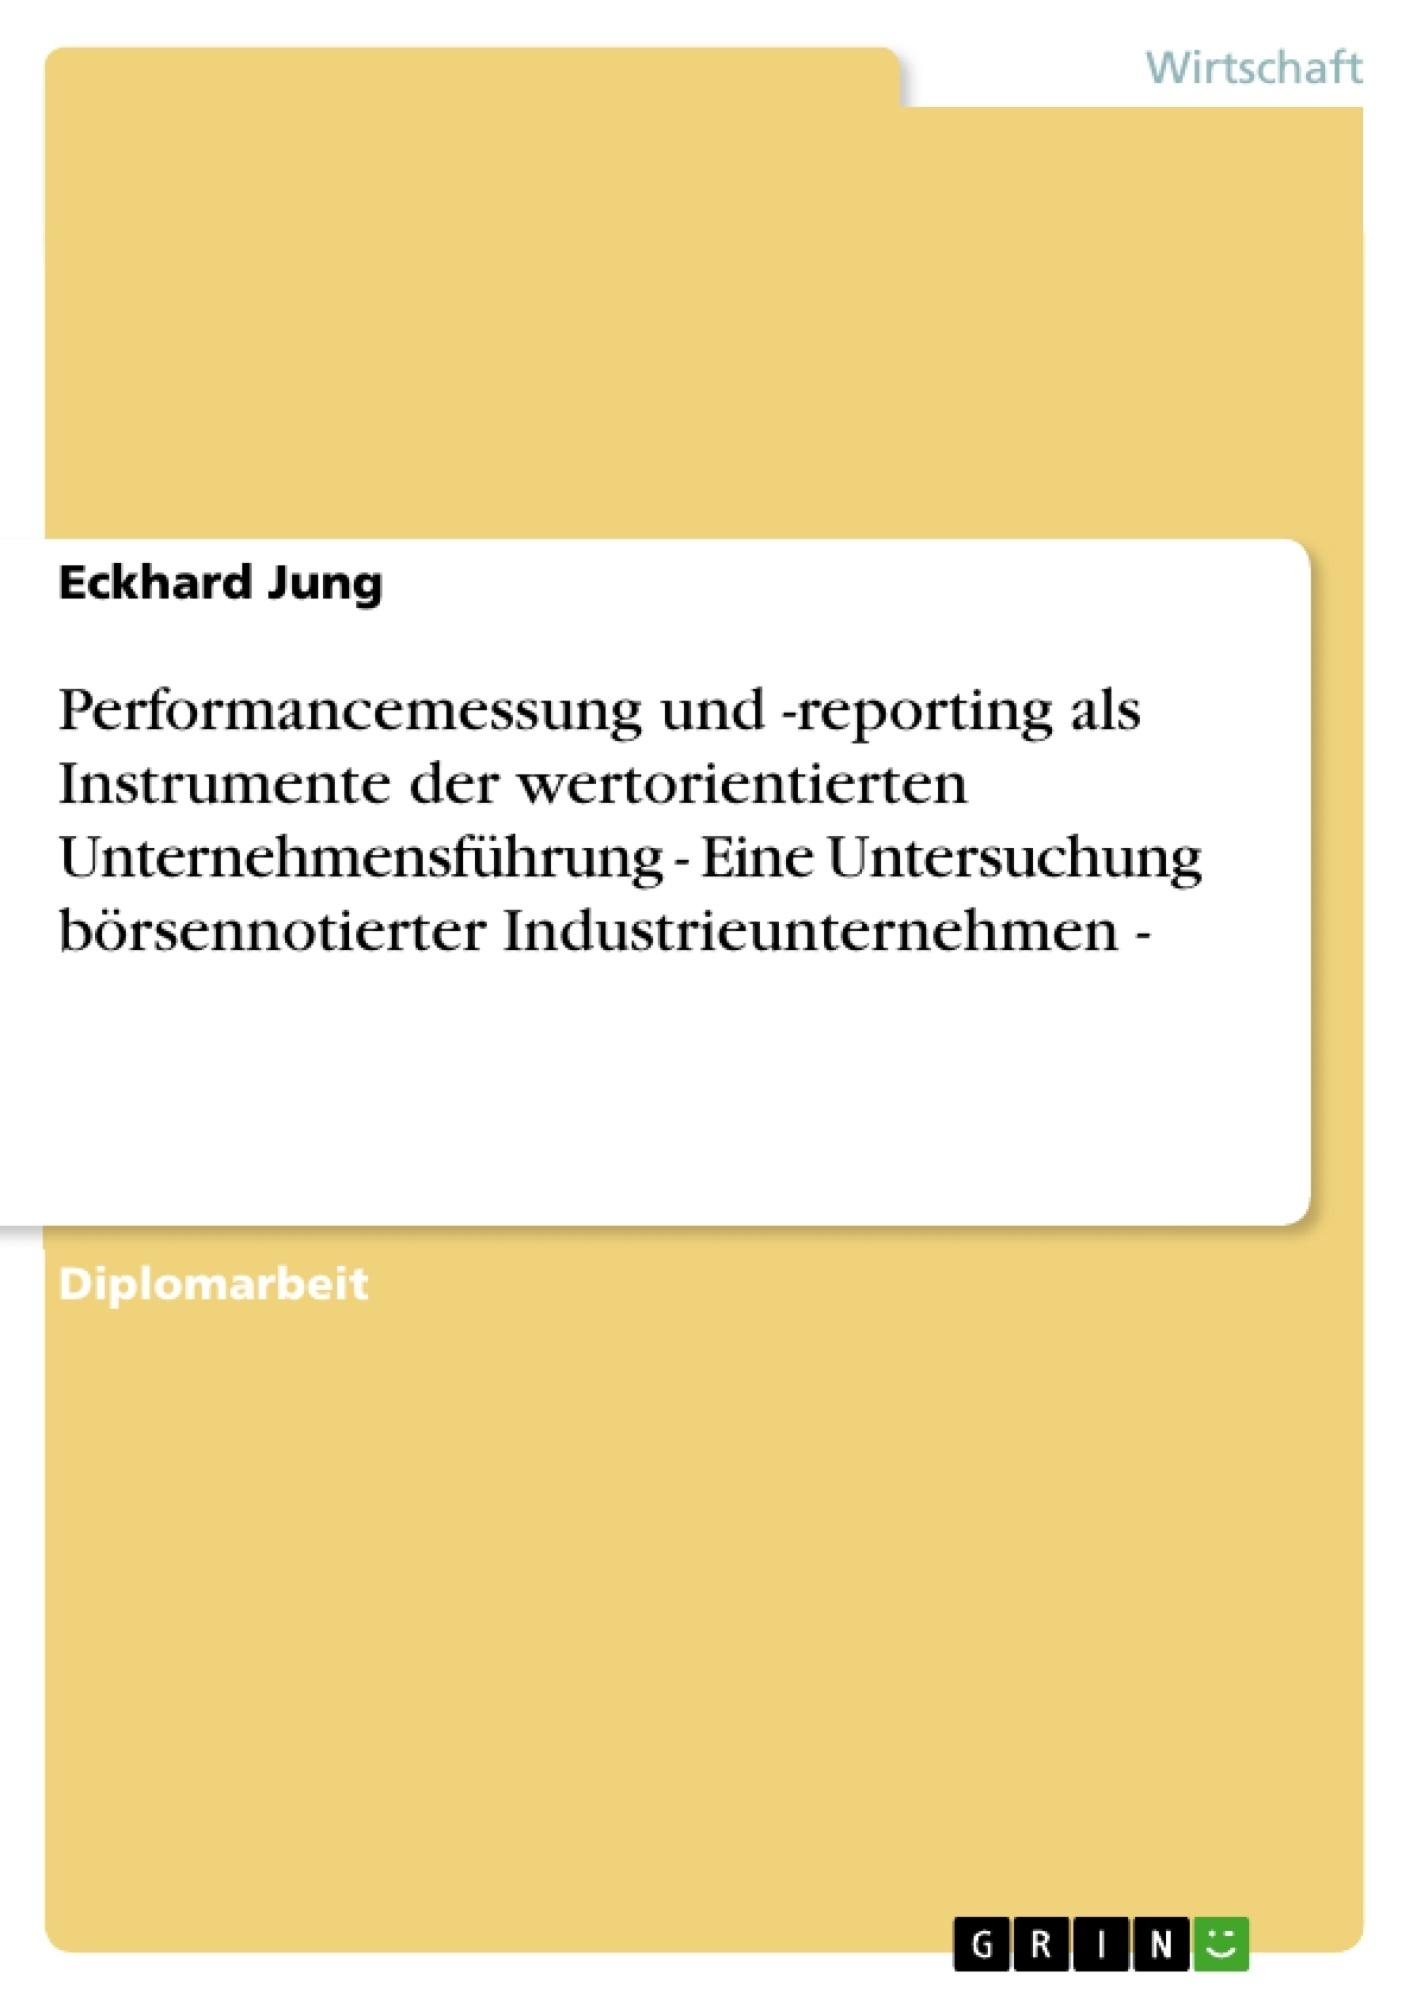 Titel: Performancemessung und -reporting als Instrumente der wertorientierten Unternehmensführung - Eine Untersuchung börsennotierter Industrieunternehmen -